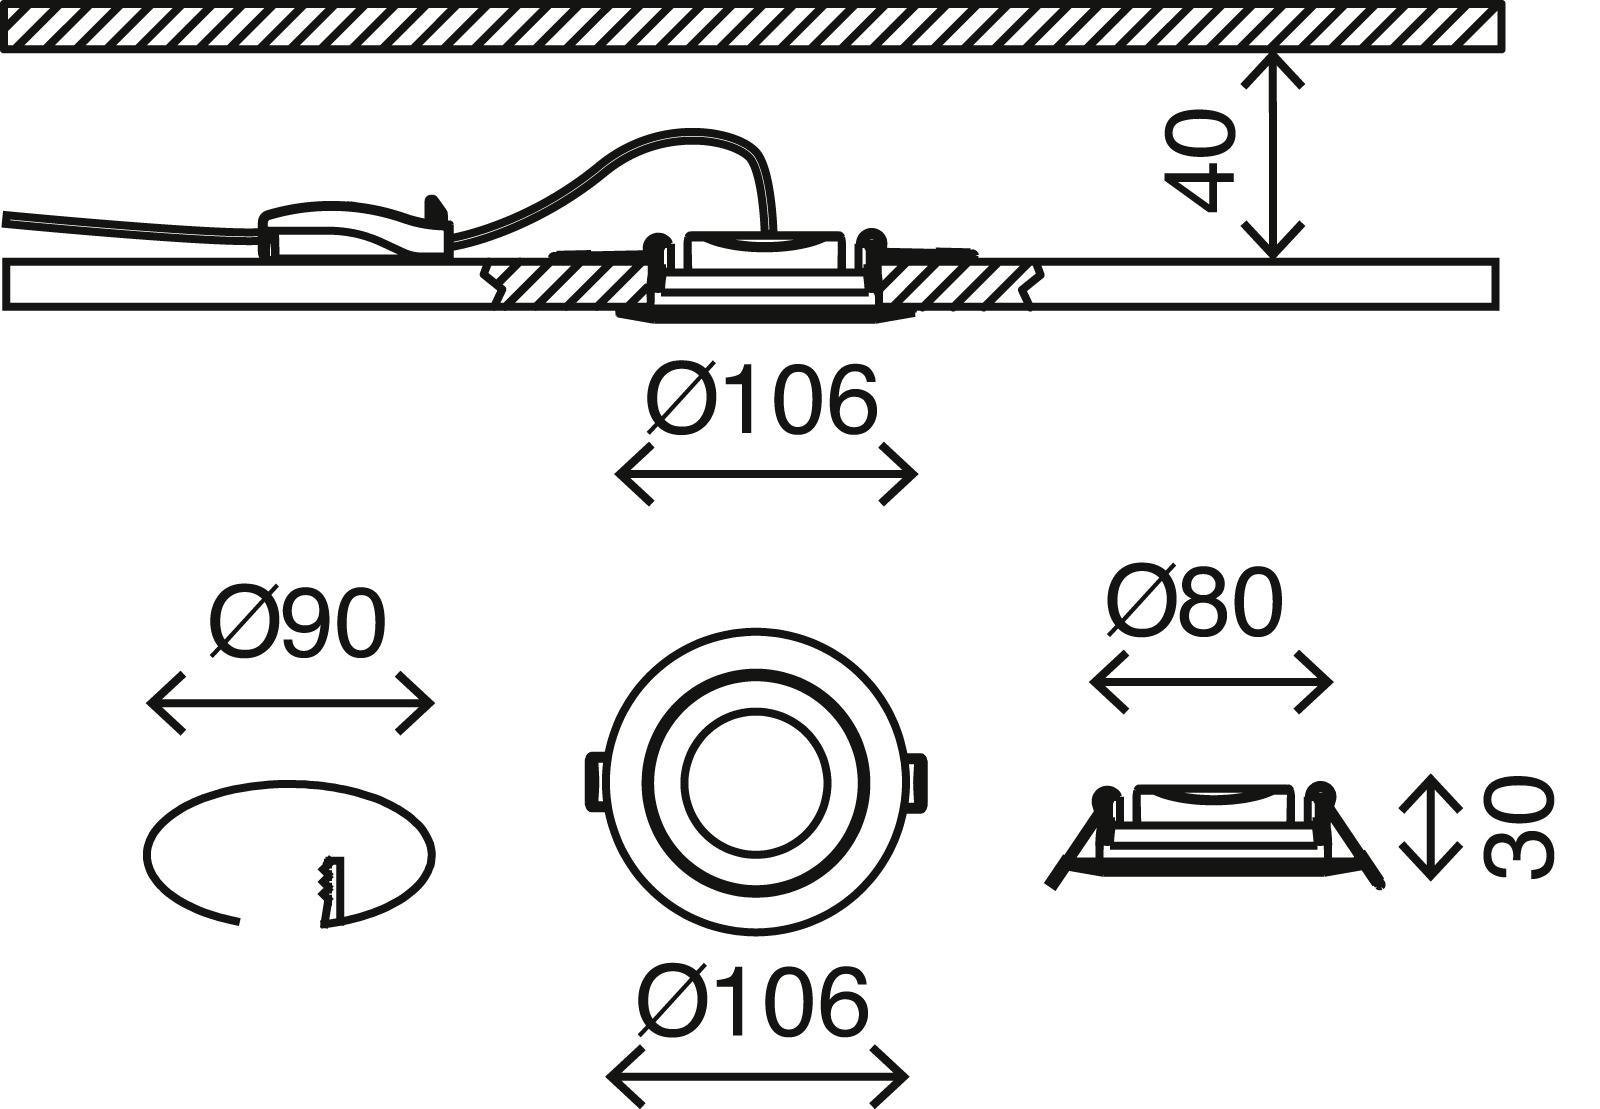 LED Einbauleuchte, Ø 10,6 cm, 6 W, Weiß